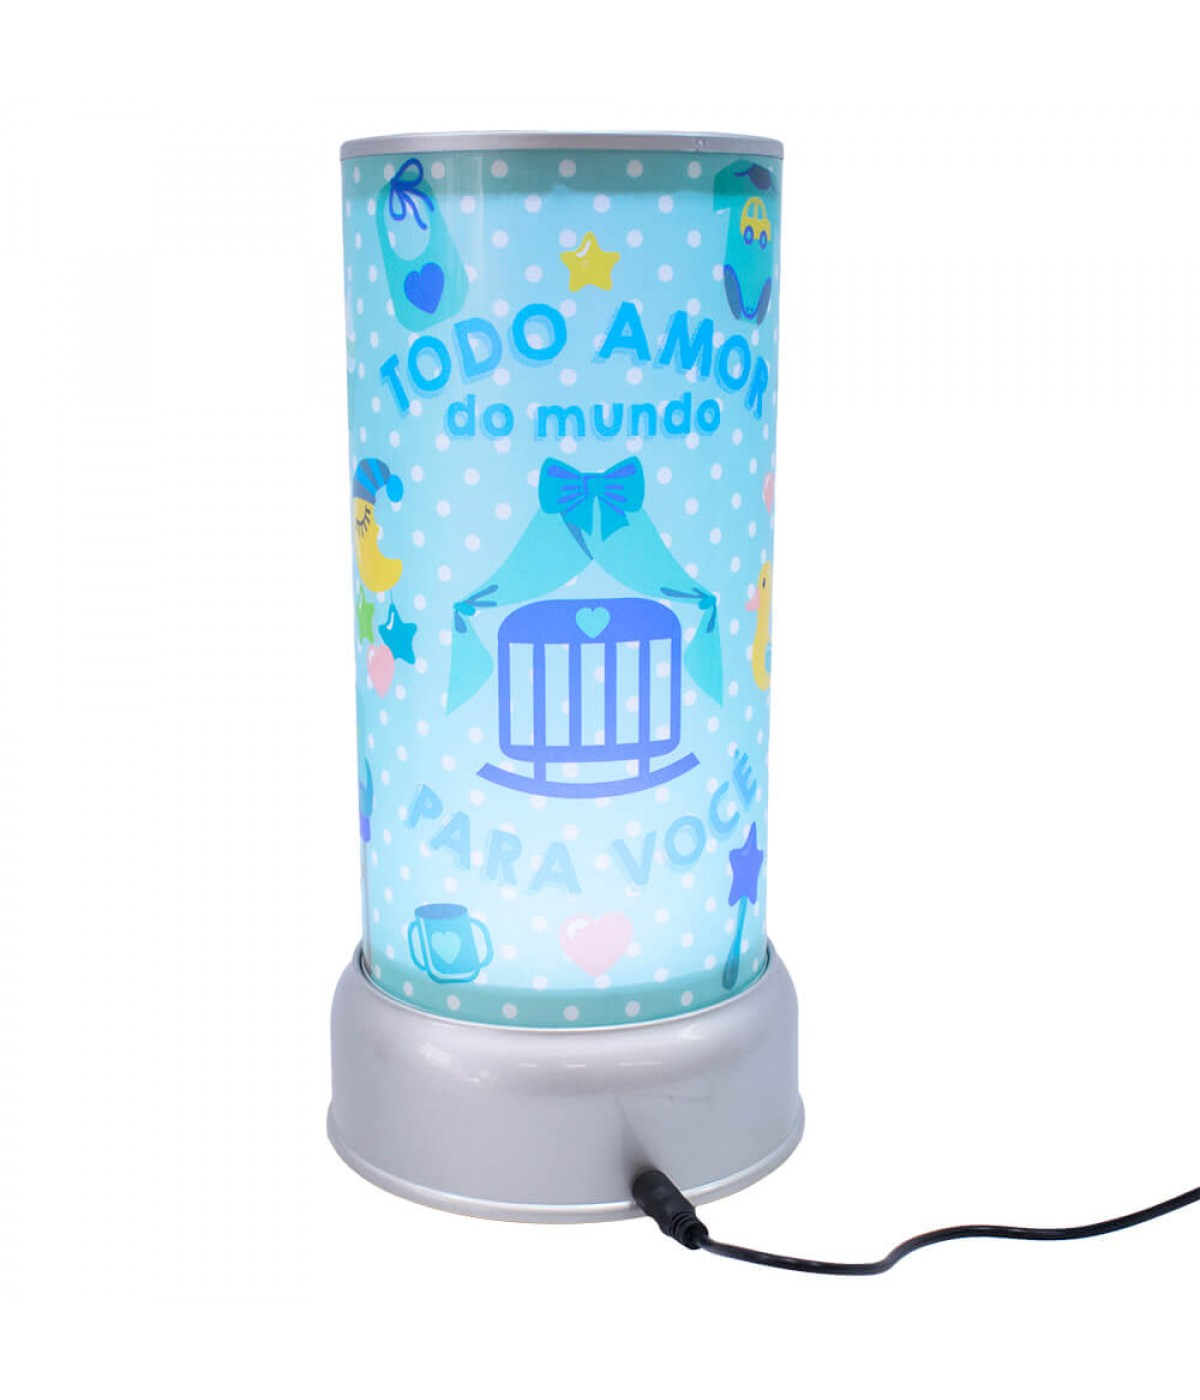 Luminária Giratória Azul Todo Amor Do Mundo Para Você - Projeto Kiwi